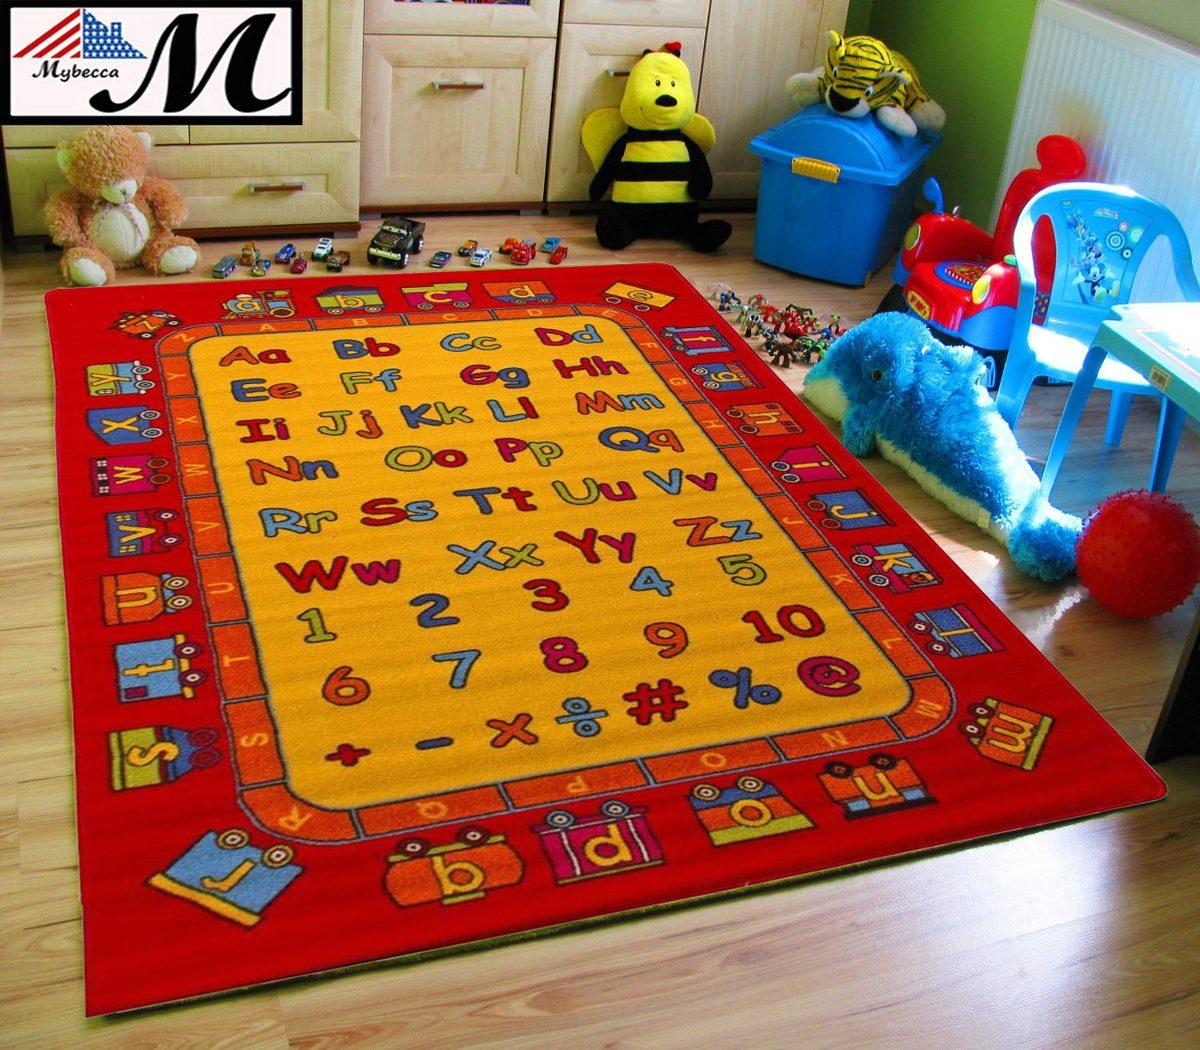 d8b03a8a8d6 great alfombras para nios myrtleca abc fun playtime area rug with alfombras  para infantiles with alfombras para infantiles